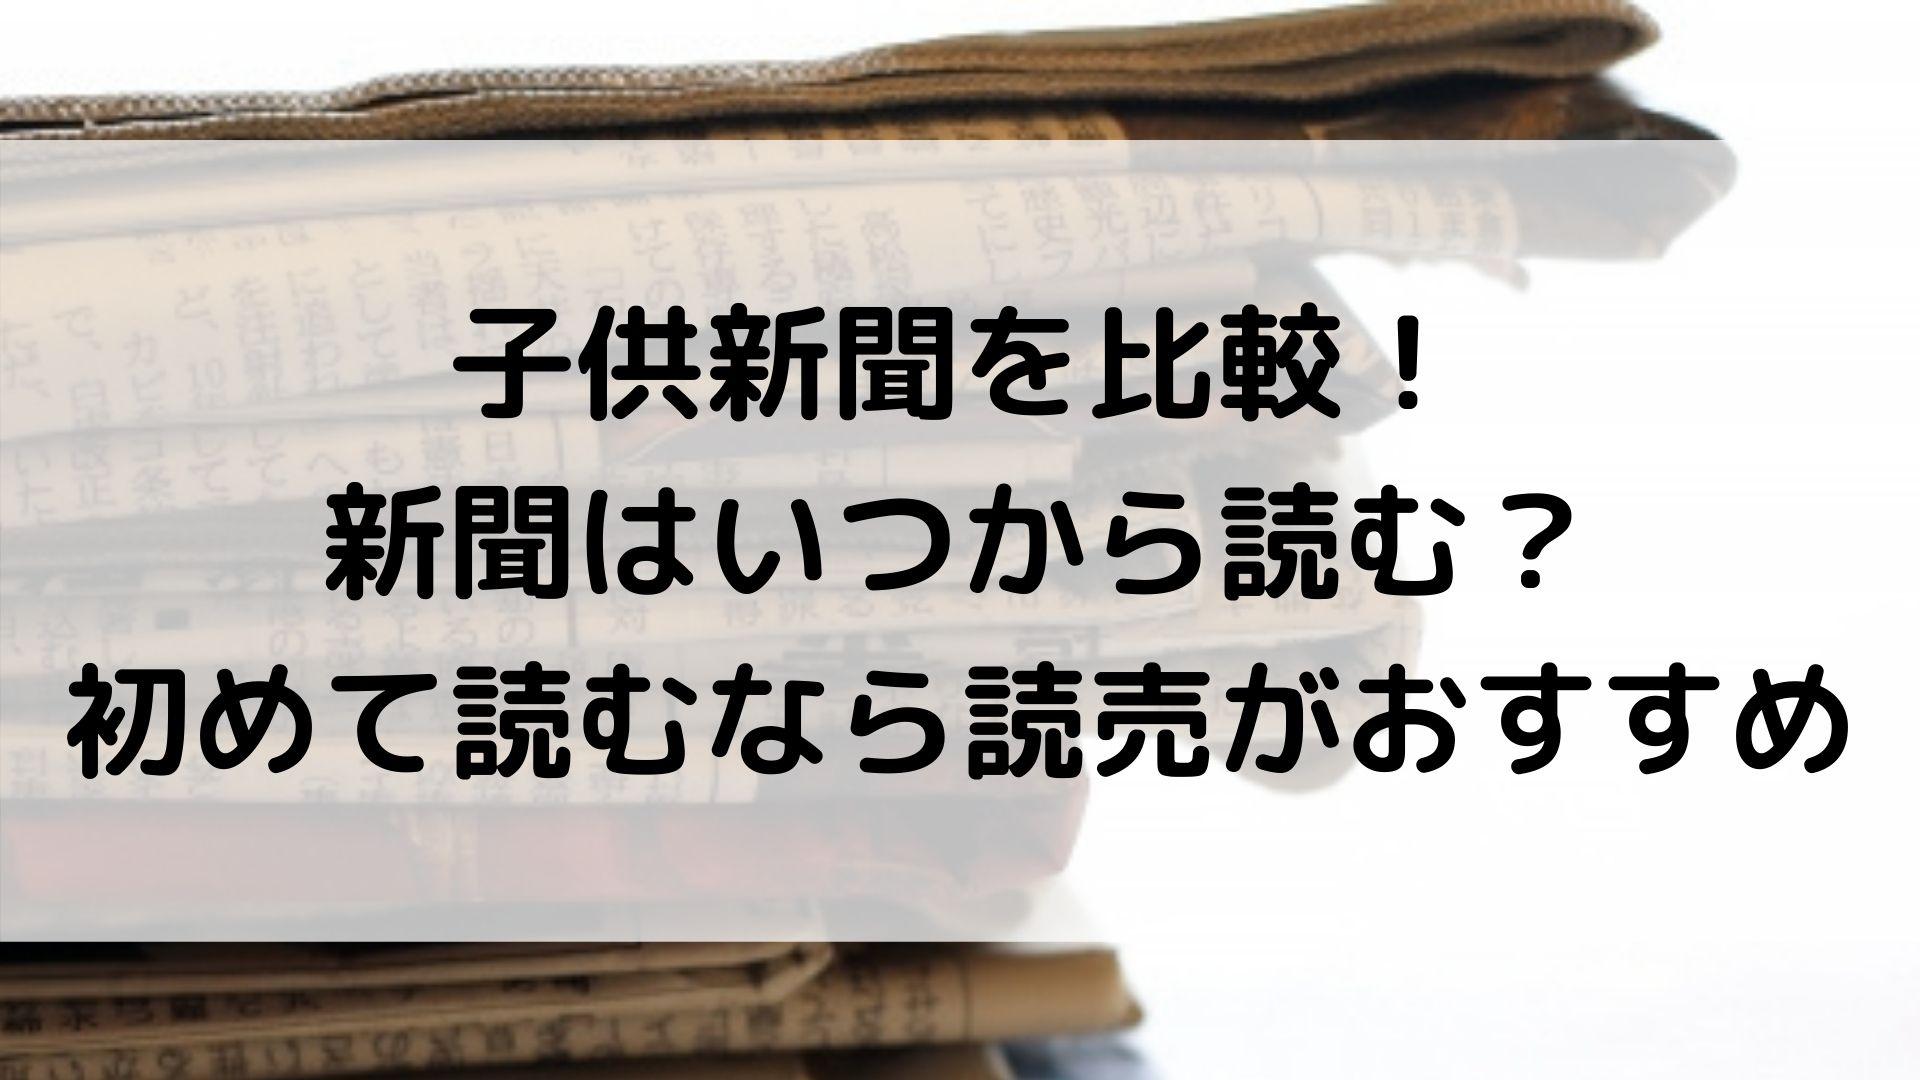 子供新聞 比較 おすすめ 読売